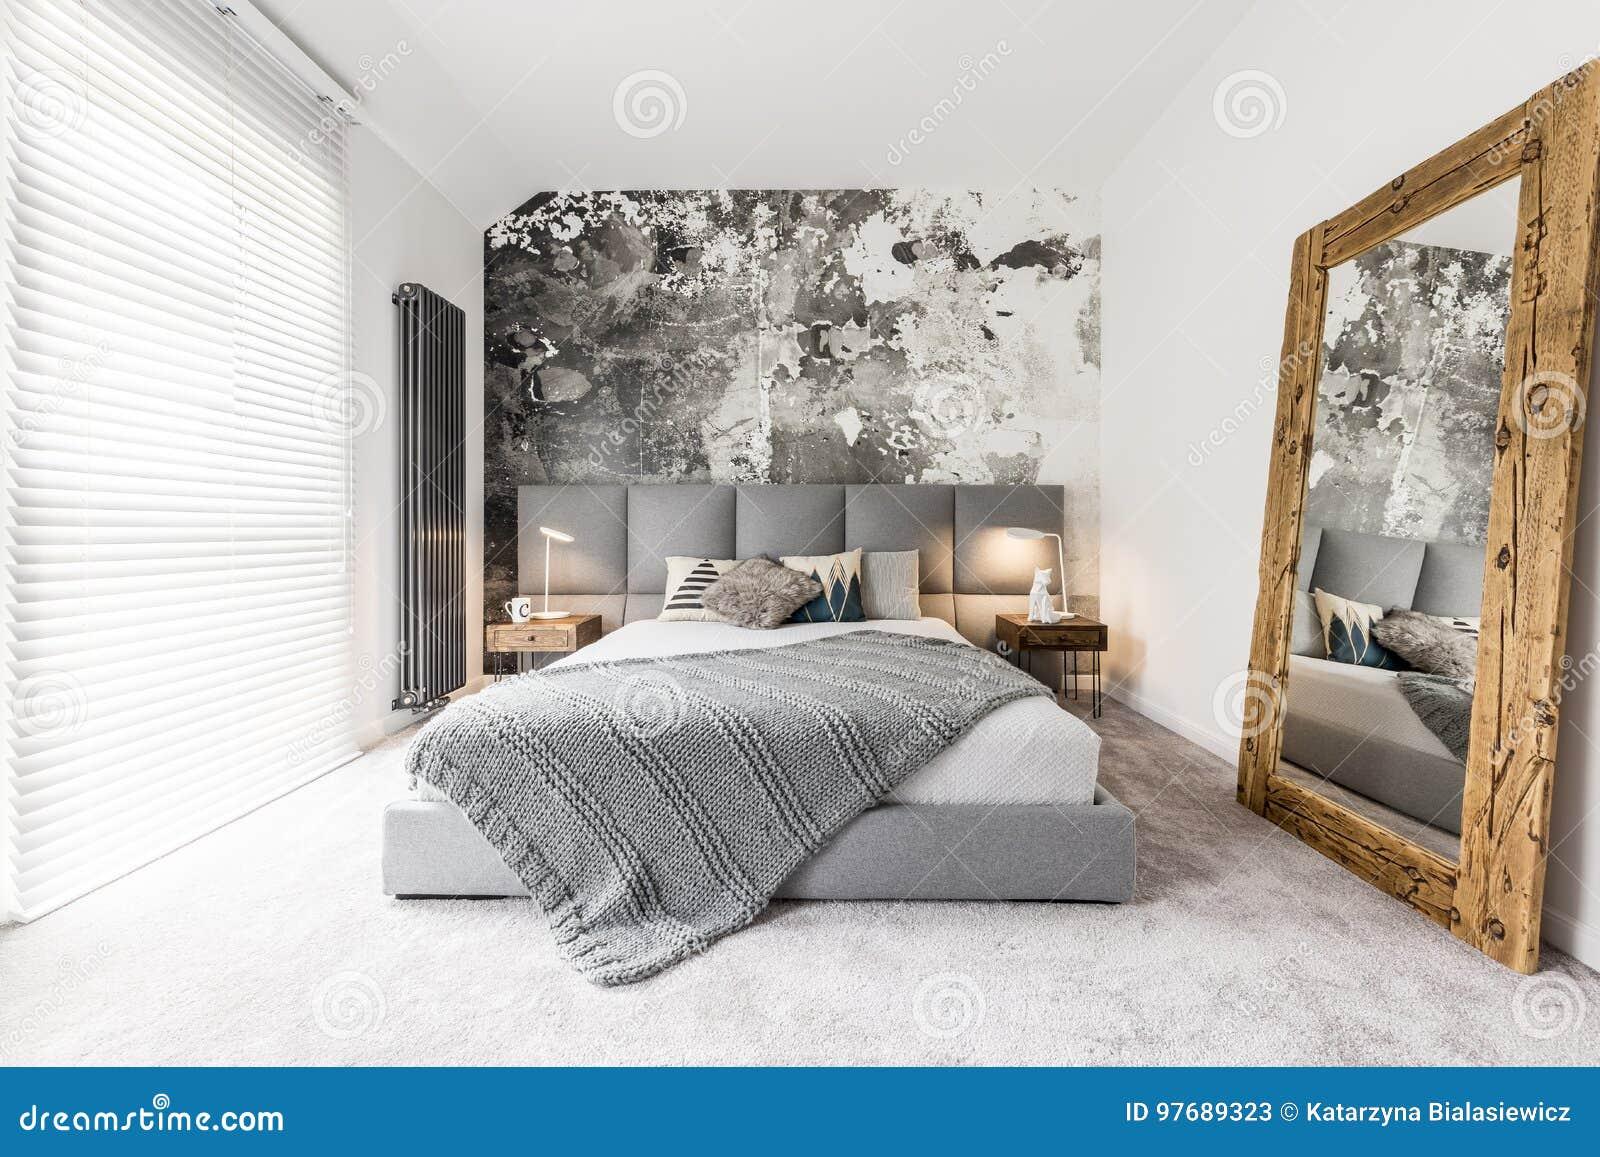 Schlafzimmer Mit Großem Hölzernem Spiegel Stockbild - Bild von grau ...